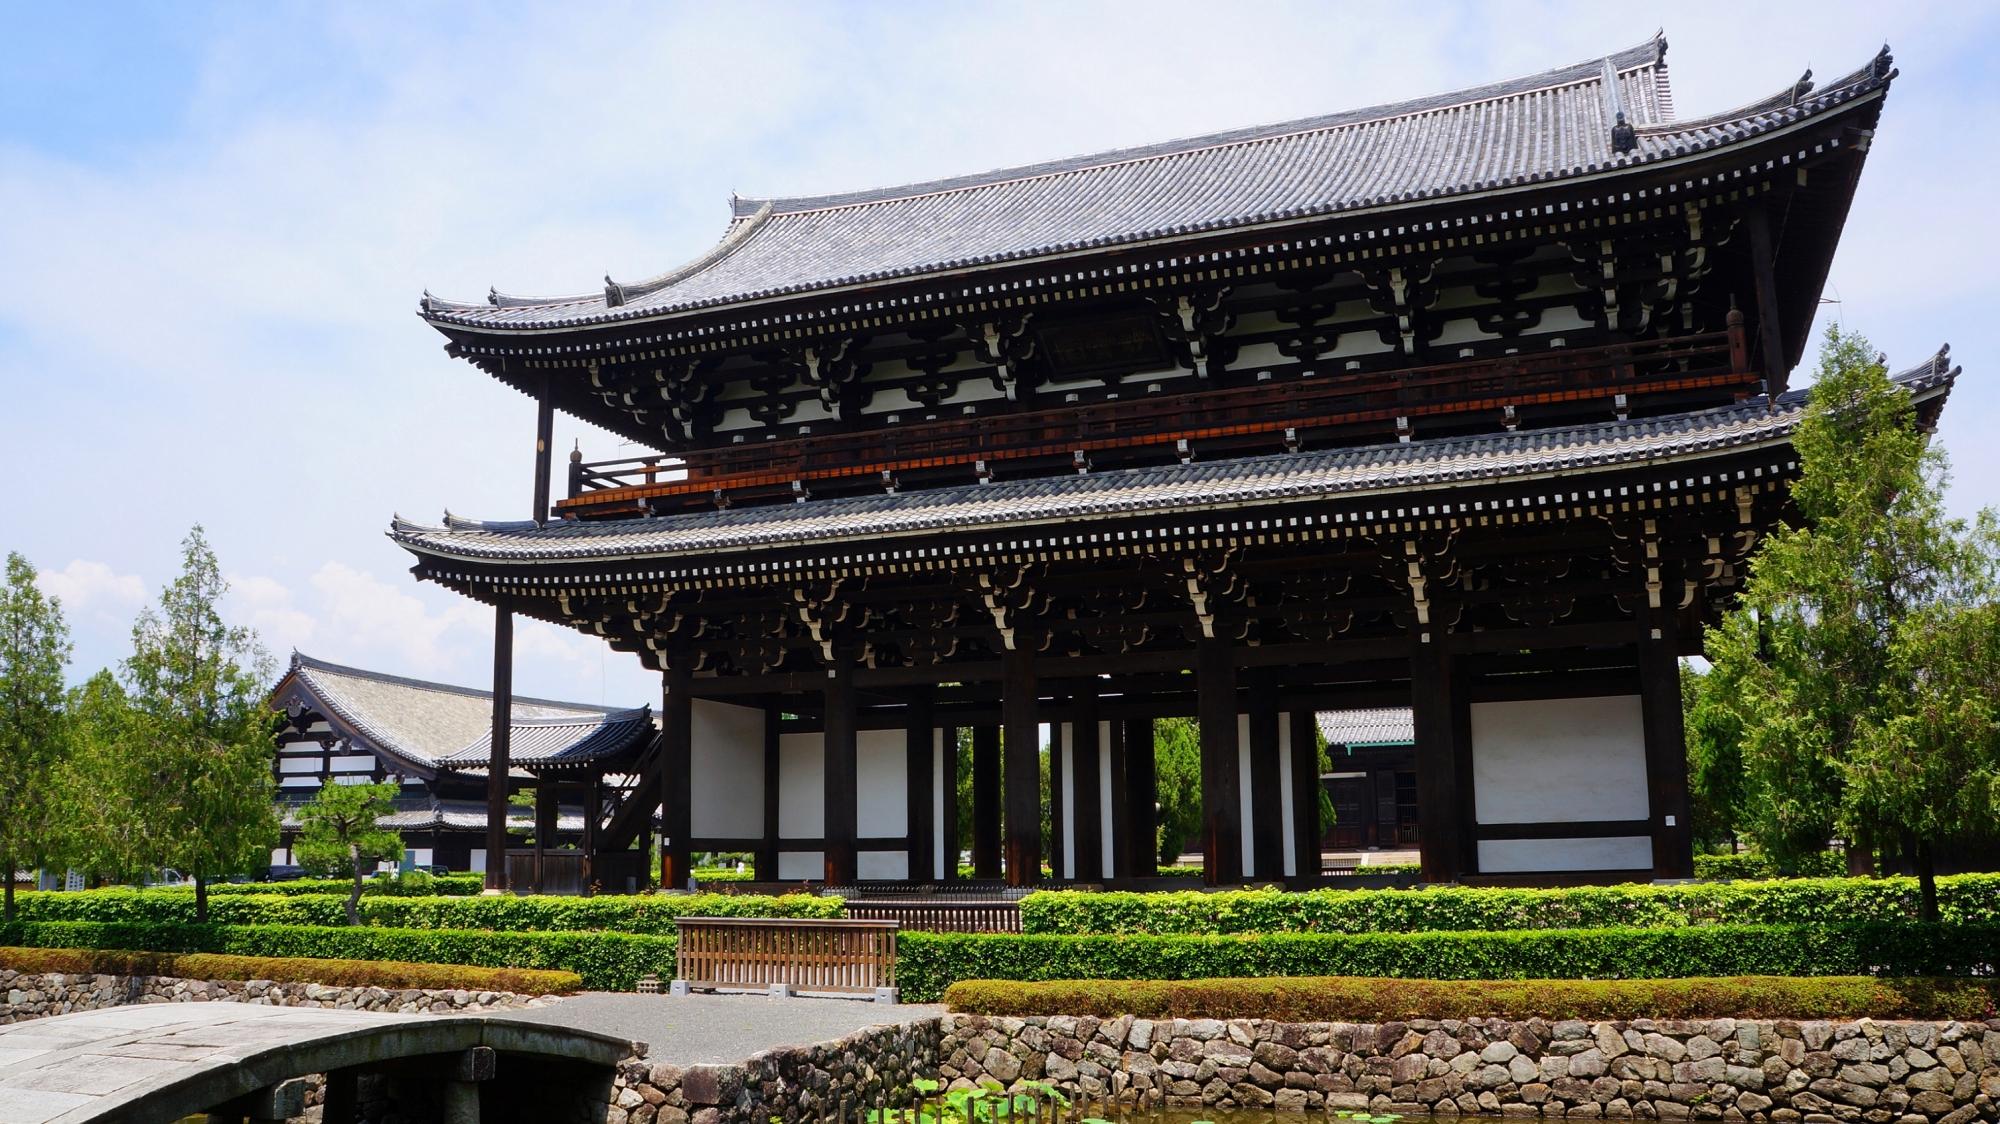 前は池になっており石橋が架かる東福寺の巨大な三門